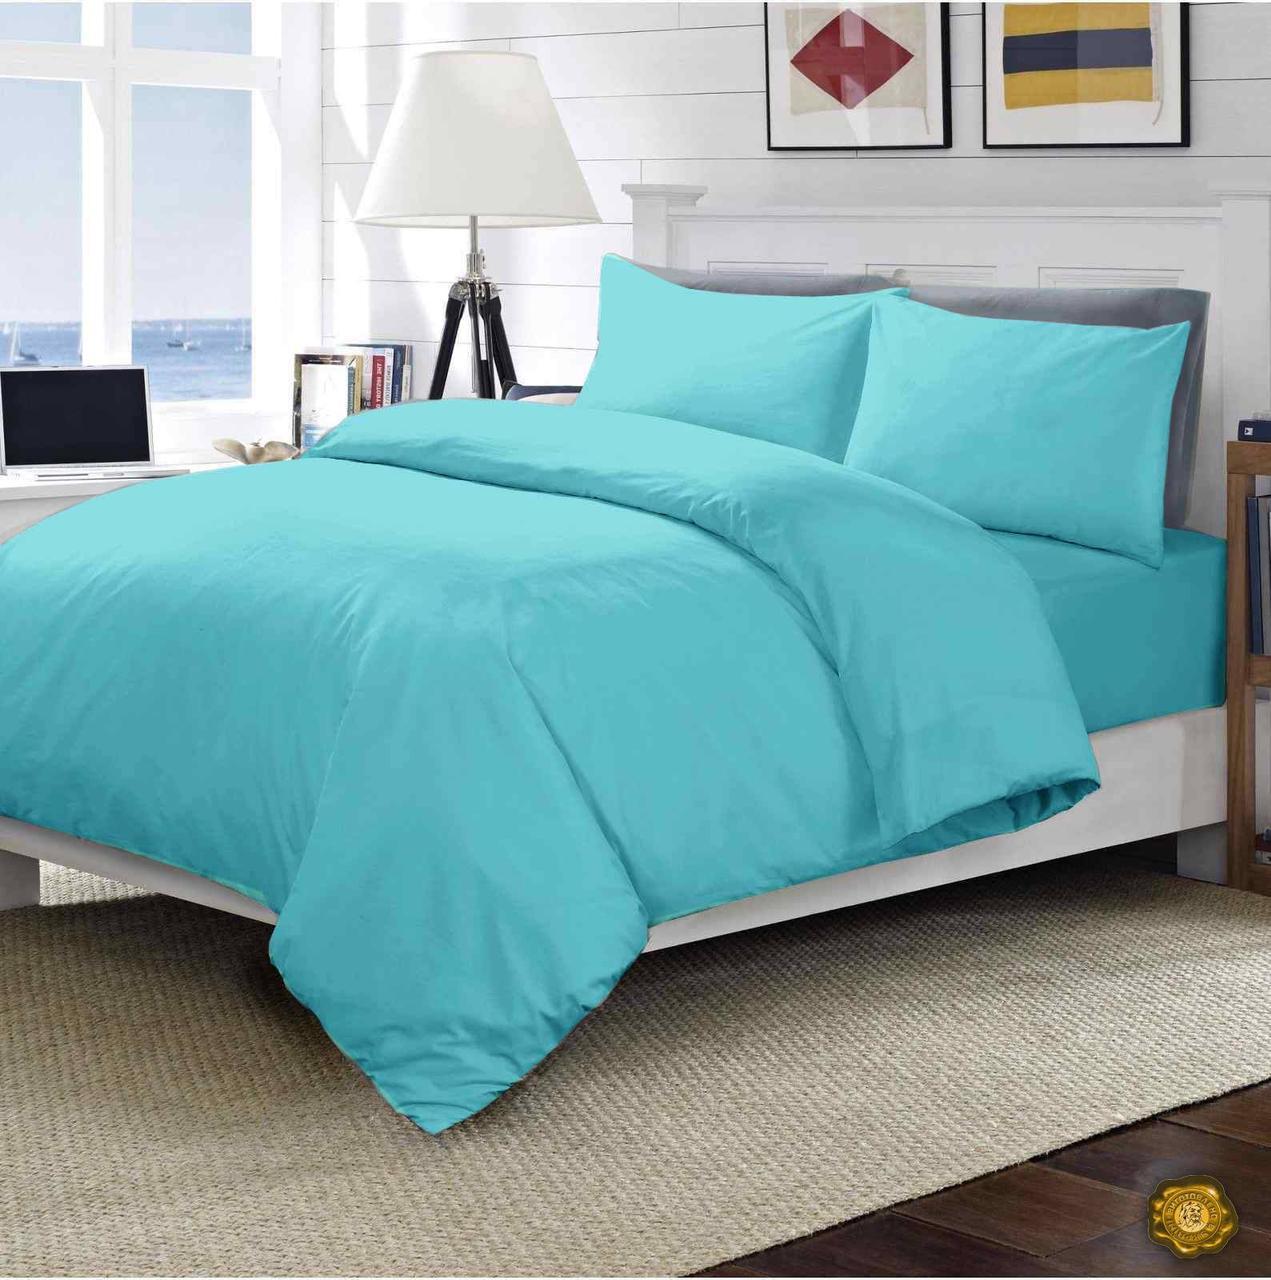 Комплект постельного белья Двуспальный, Микрофибра (2-х сп.ЕМІ0007)